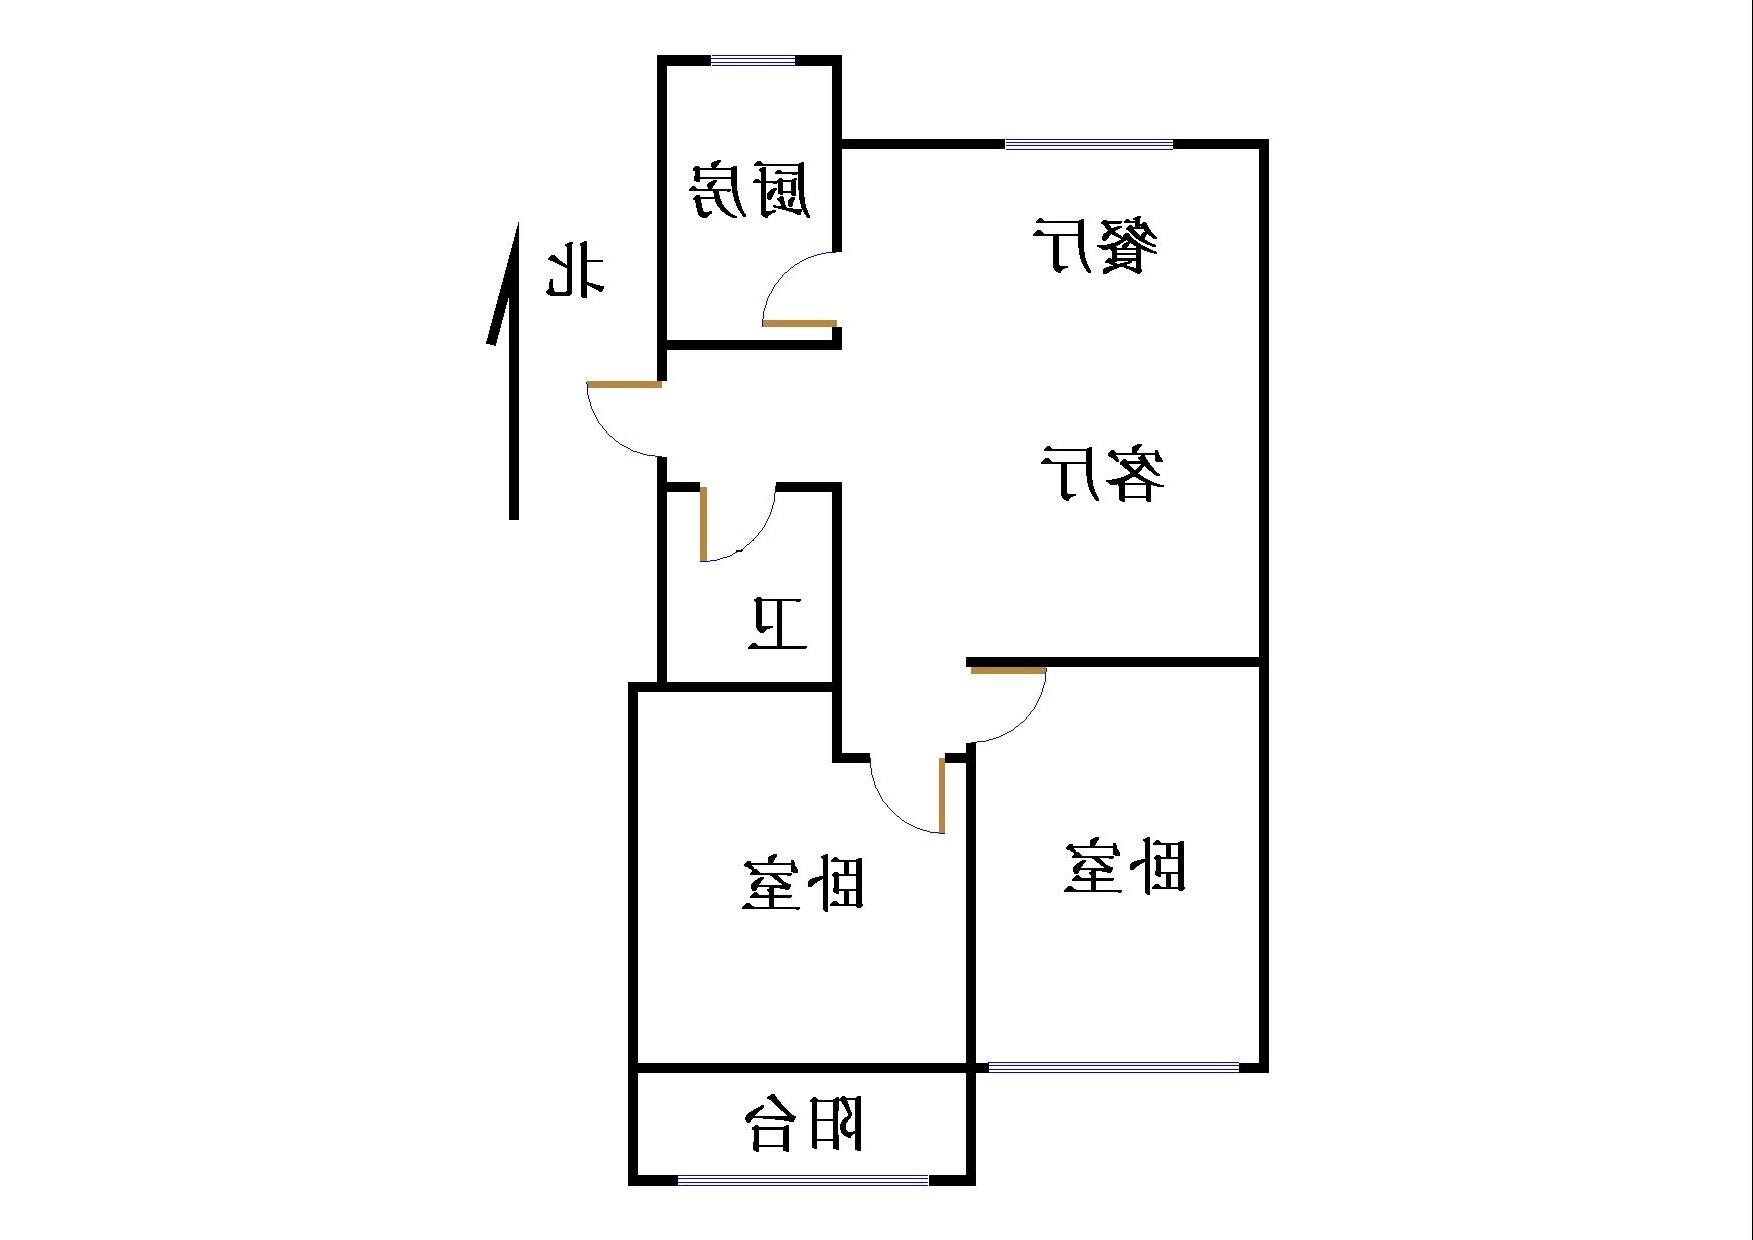 绿城百合家园 2室2厅 4楼